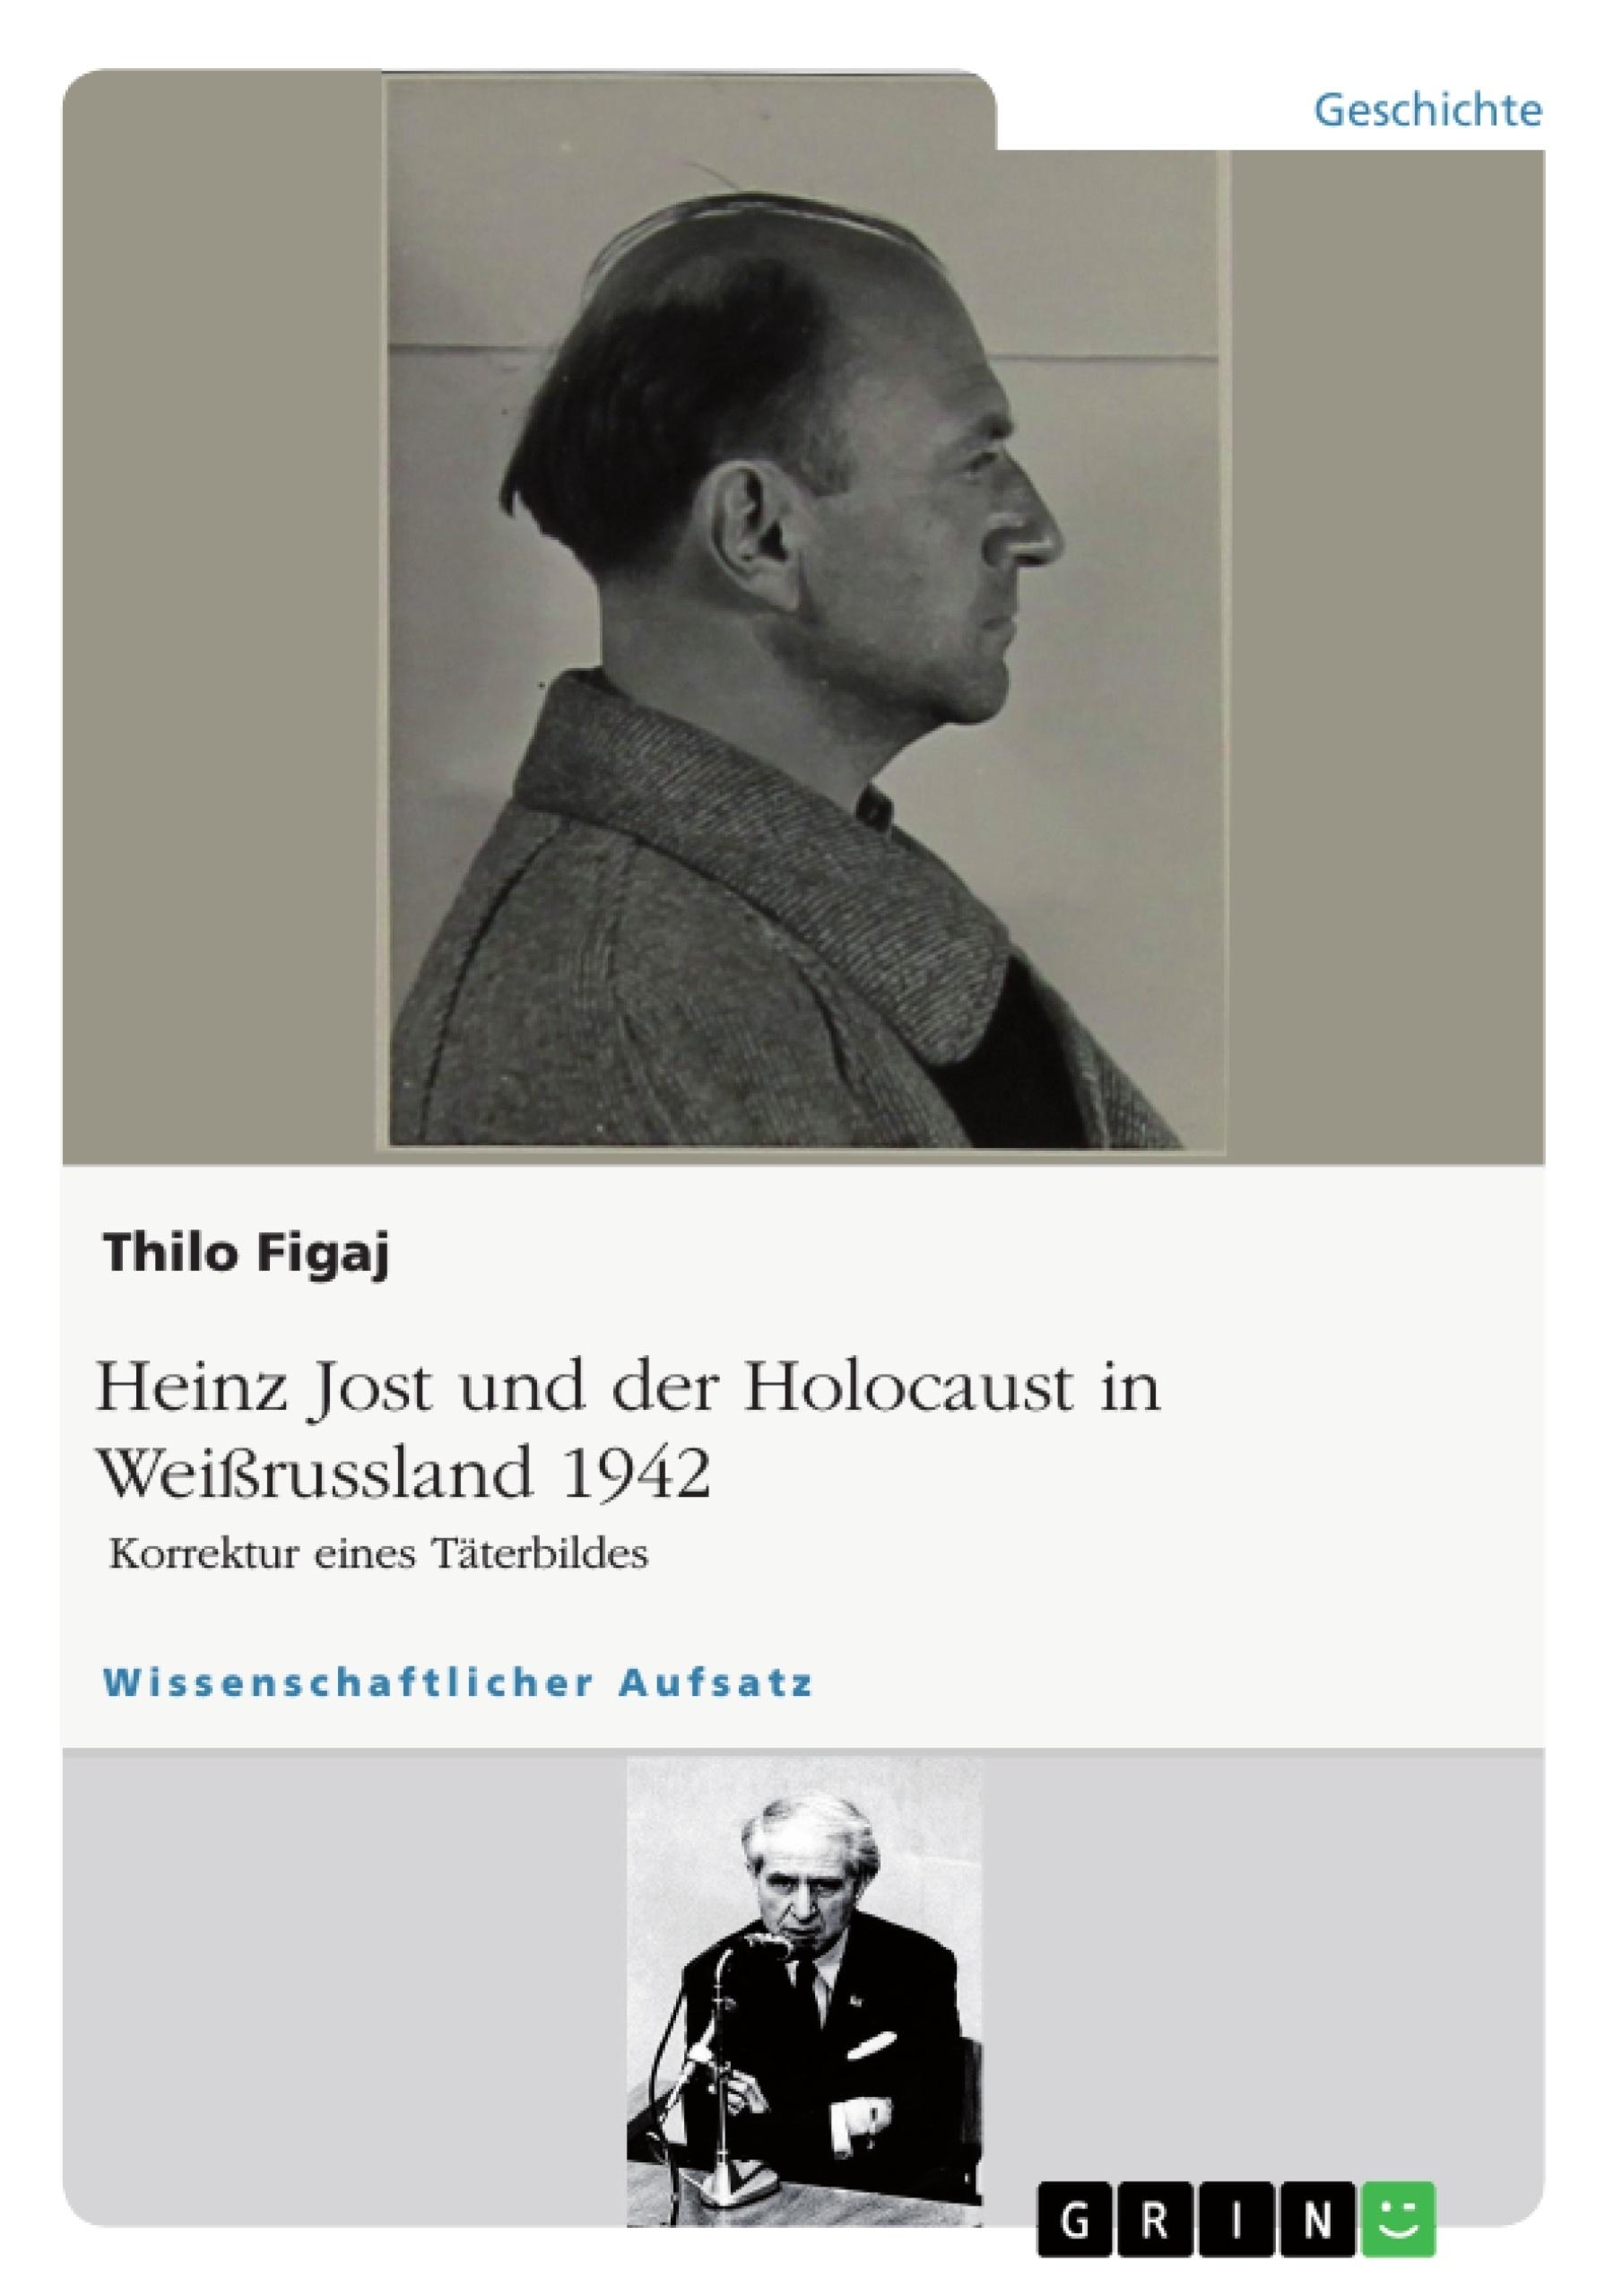 Titel: Heinz Jost und der Holocaust in Weißrussland 1942. Korrektur eines Täterbildes